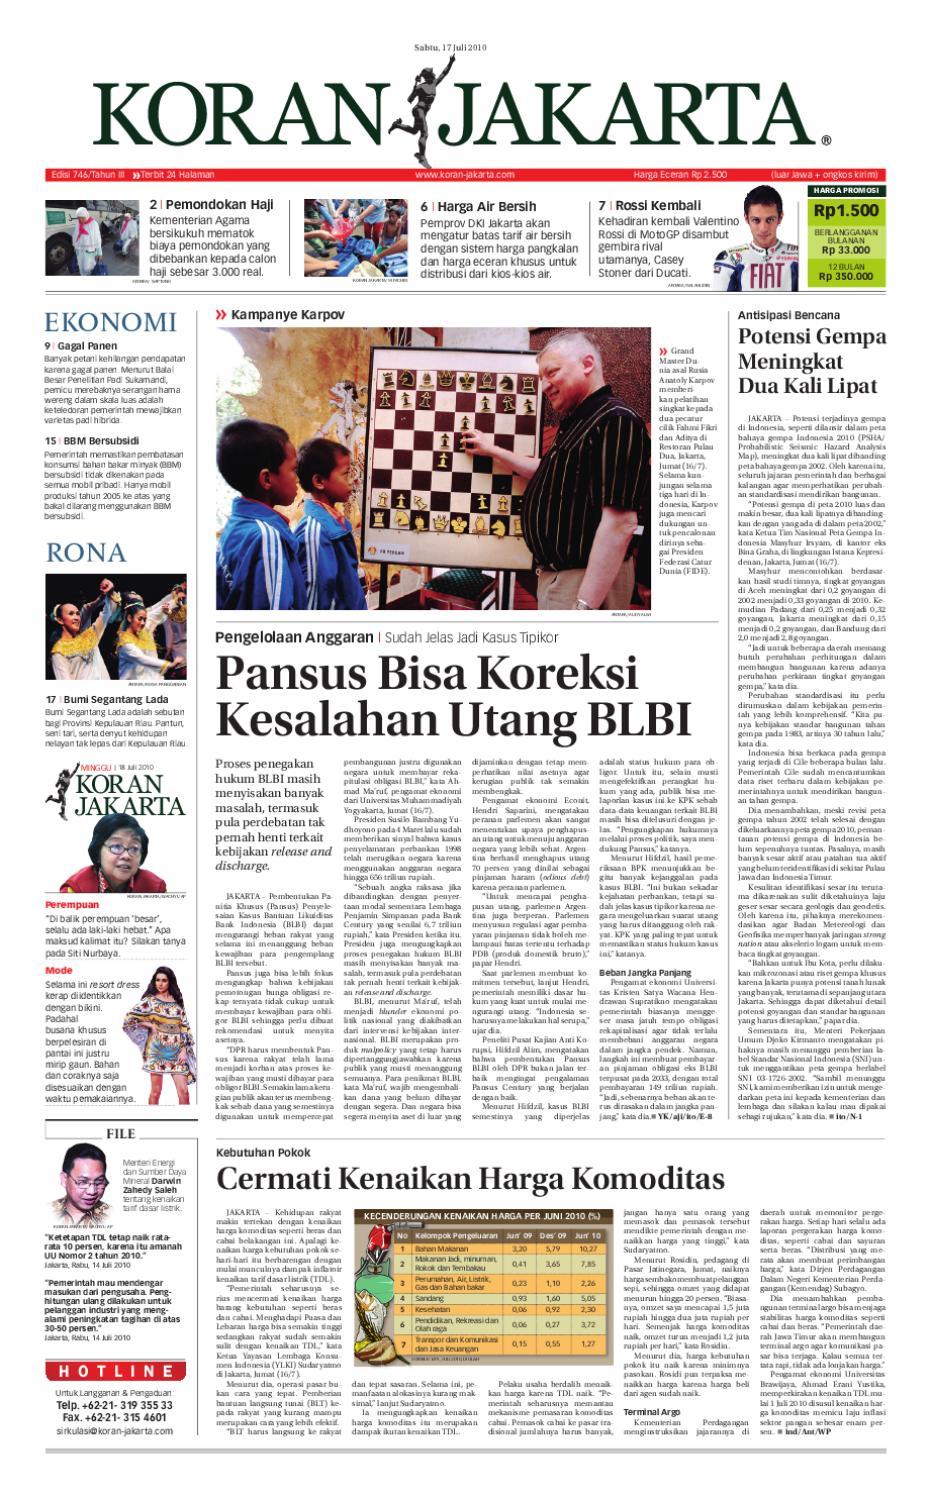 Edisi 746 17 Juli 2010 By Pt Berita Nusantara Issuu Rejeki Anak Soleh 3 Voucher Carrefour Rp 200000